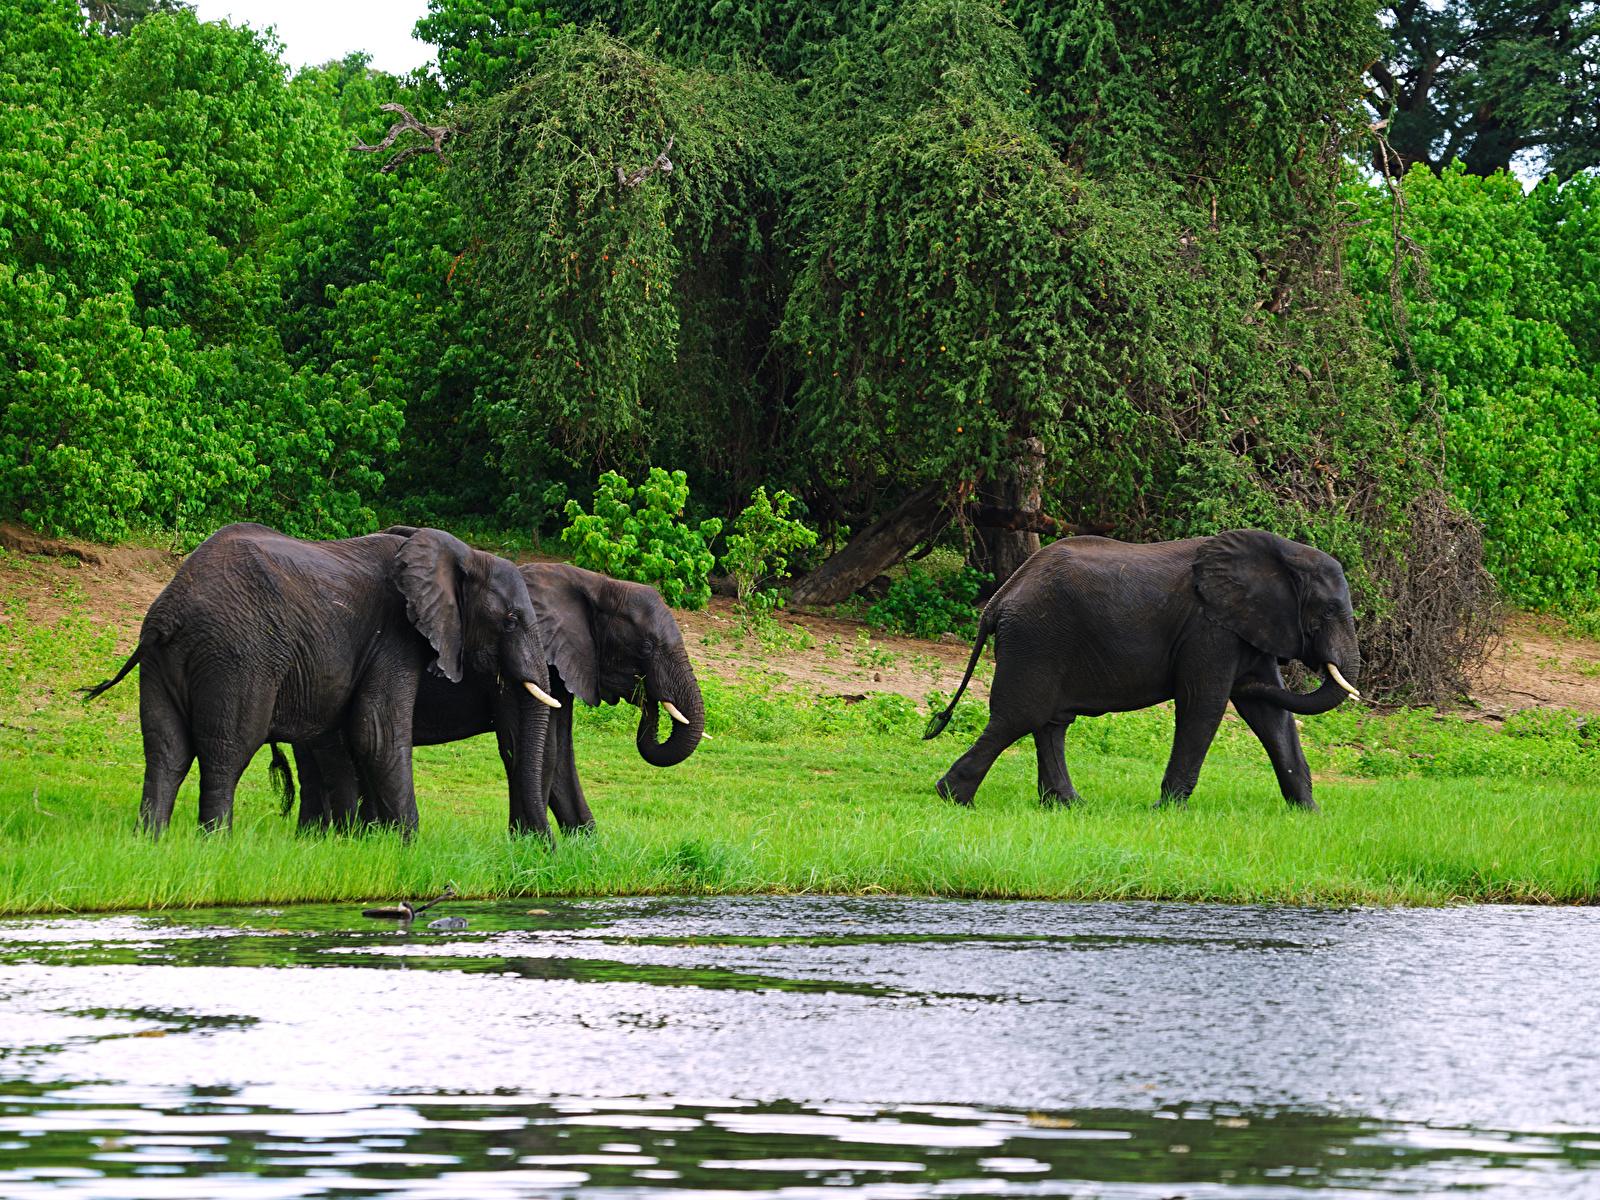 Картинка слон Трое 3 Побережье Животные 1600x1200 Слоны три берег втроем животное